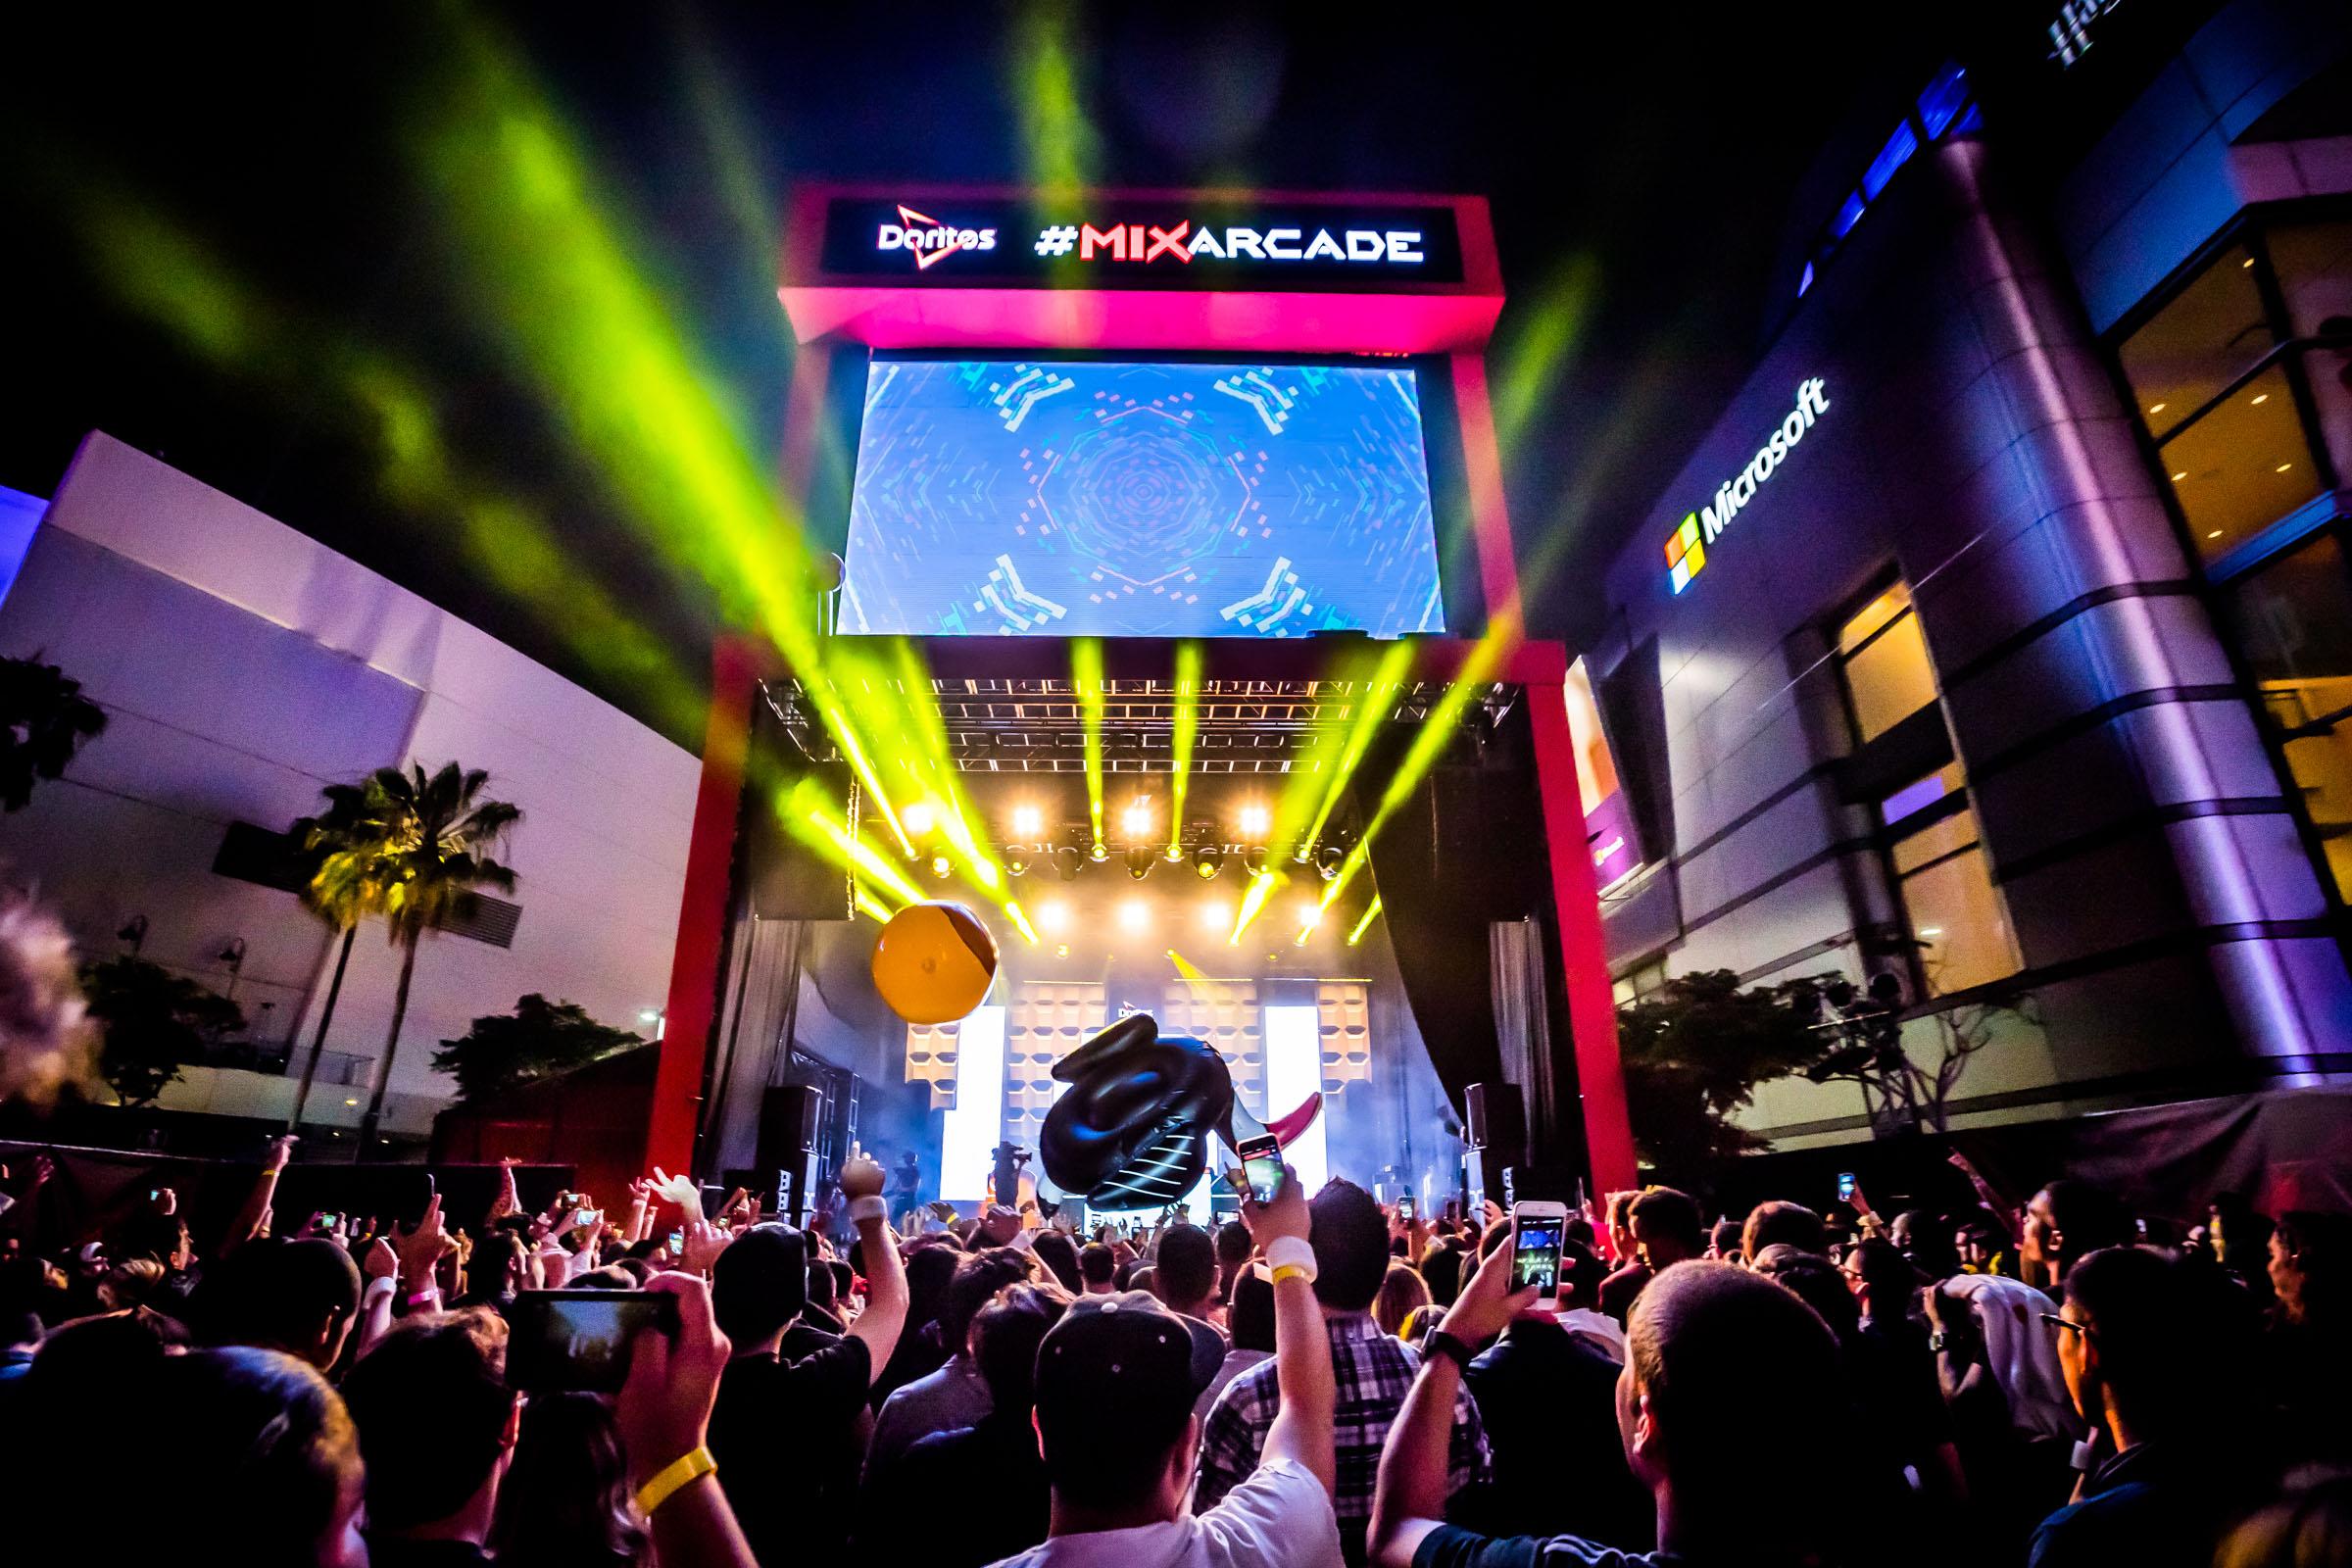 Staples Center, Doritos #mixarcade E3 gaming event.Los Angeles